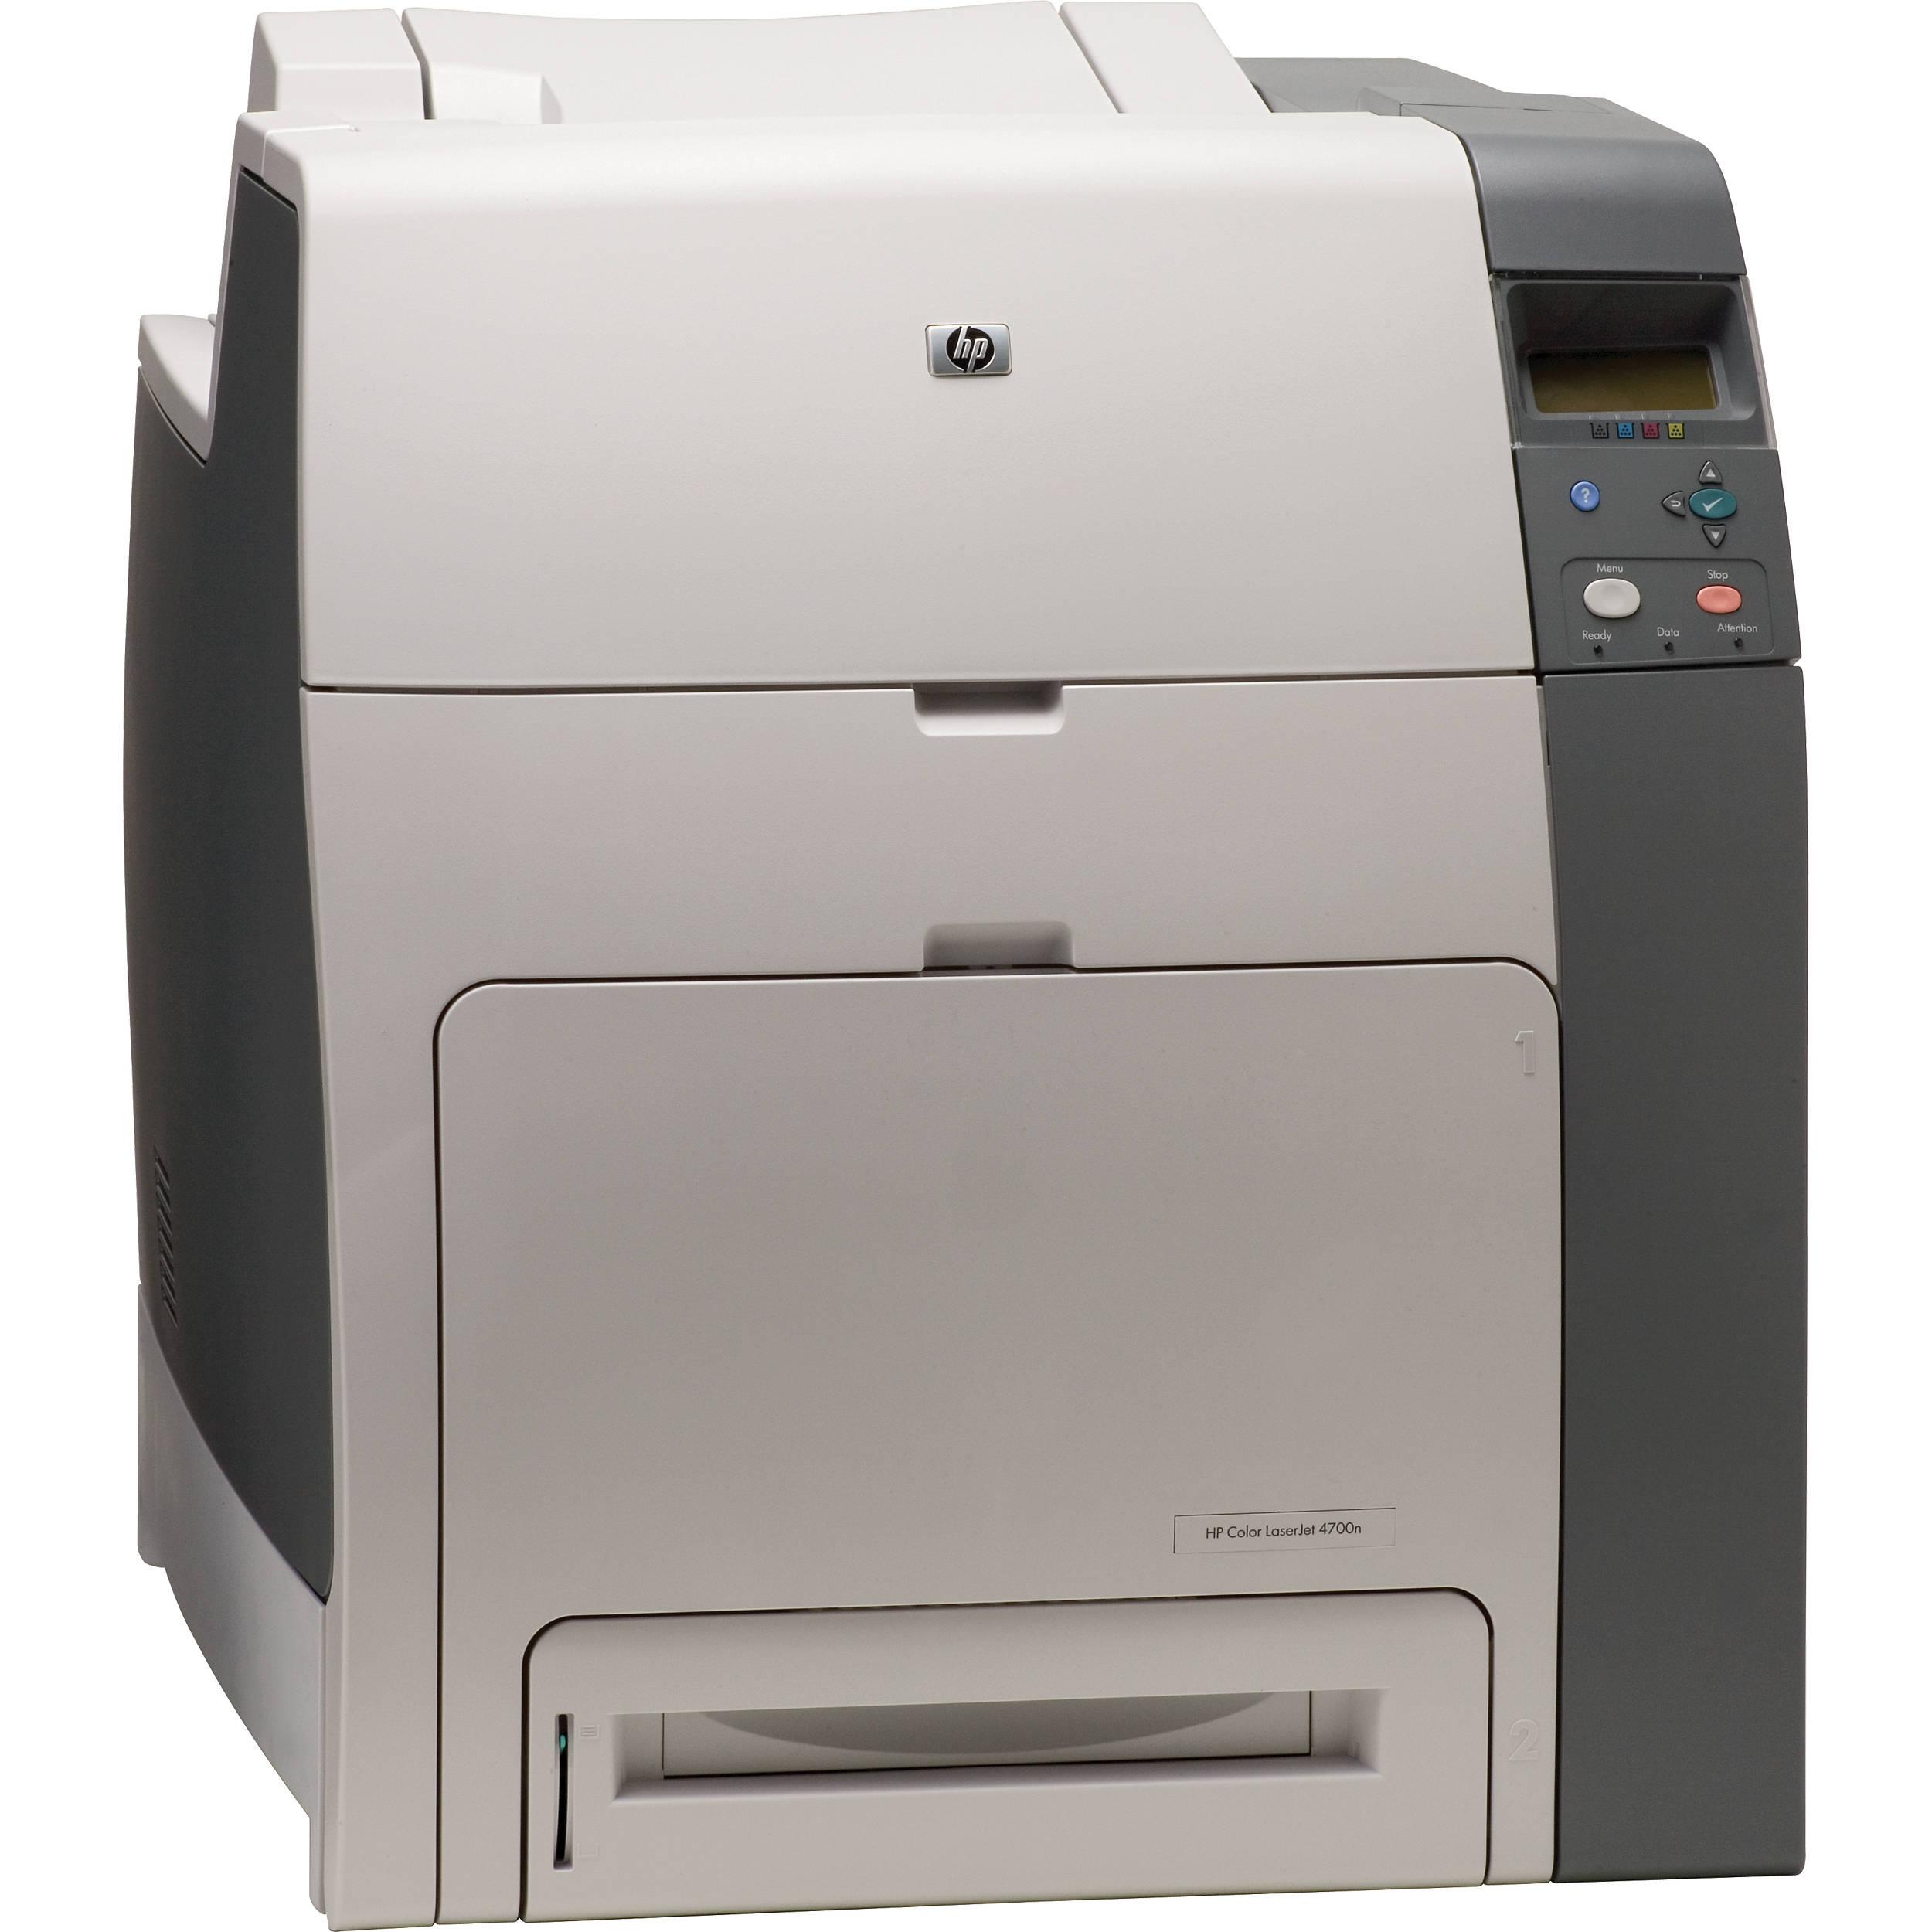 HP LaserJet 4100 Printer series